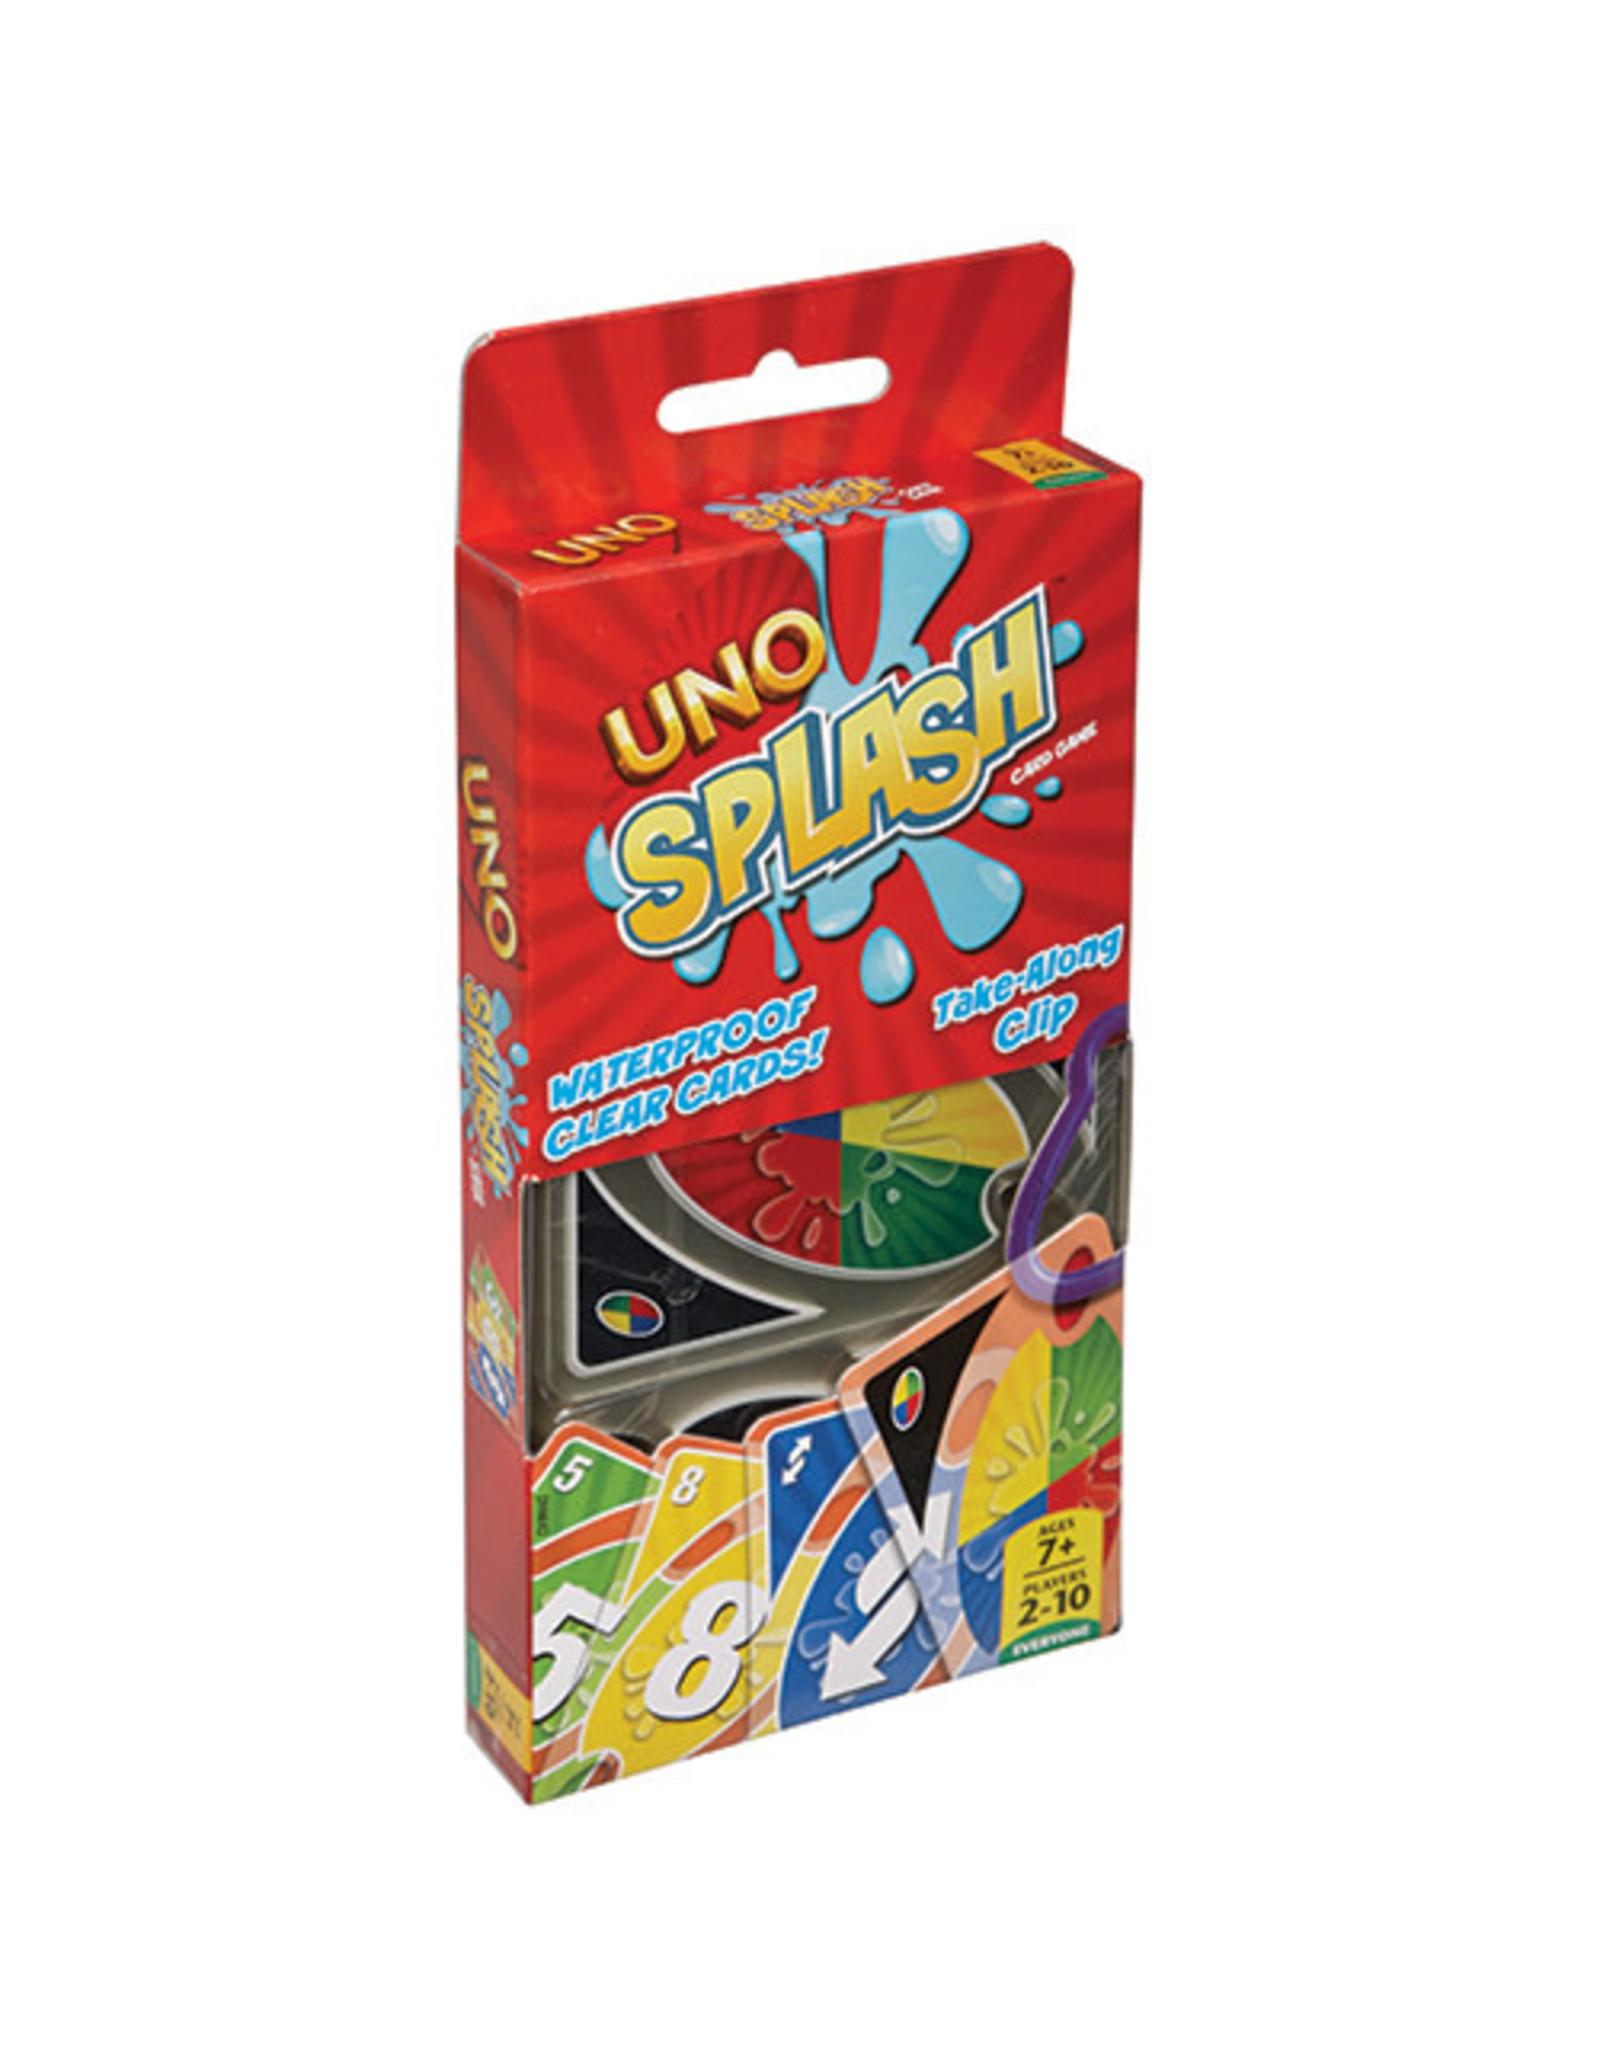 Mattel Uno Splash